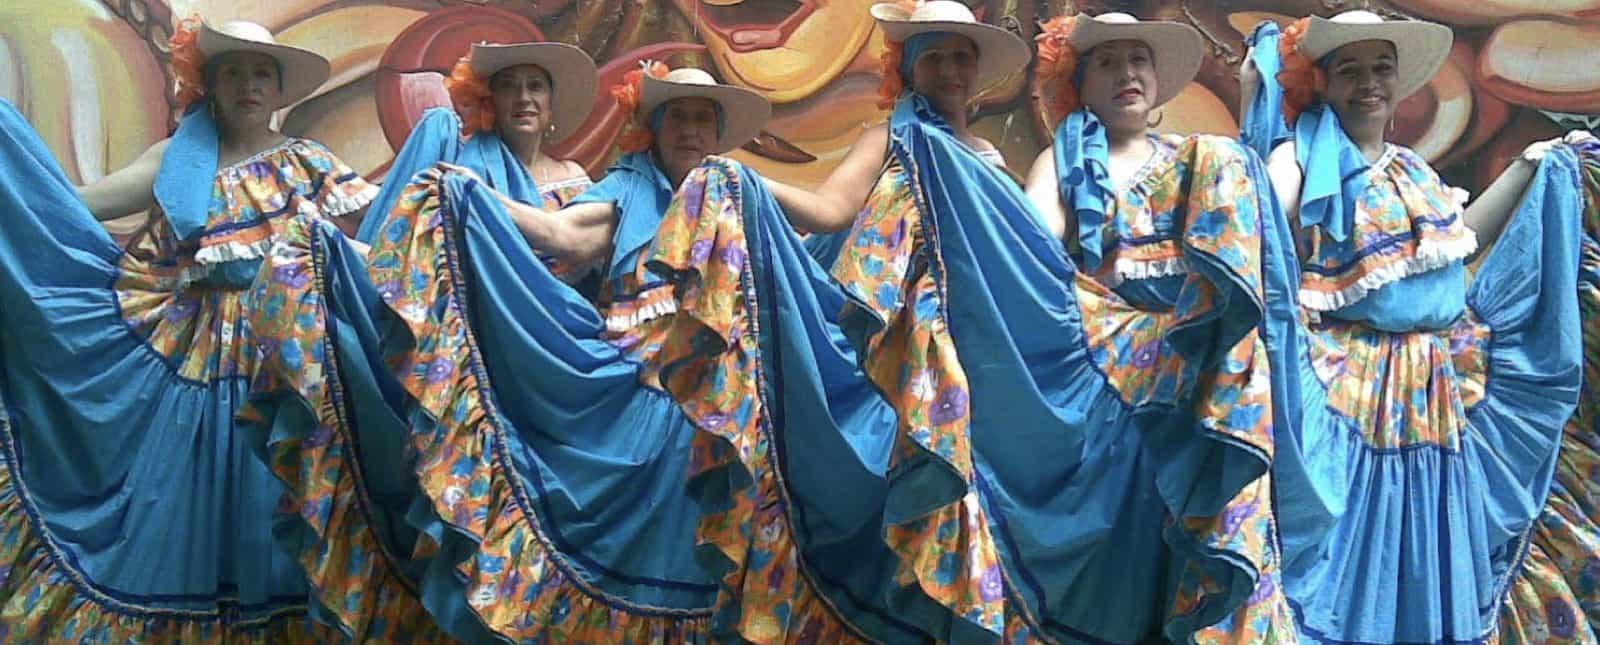 Traje típico de Sinaloa